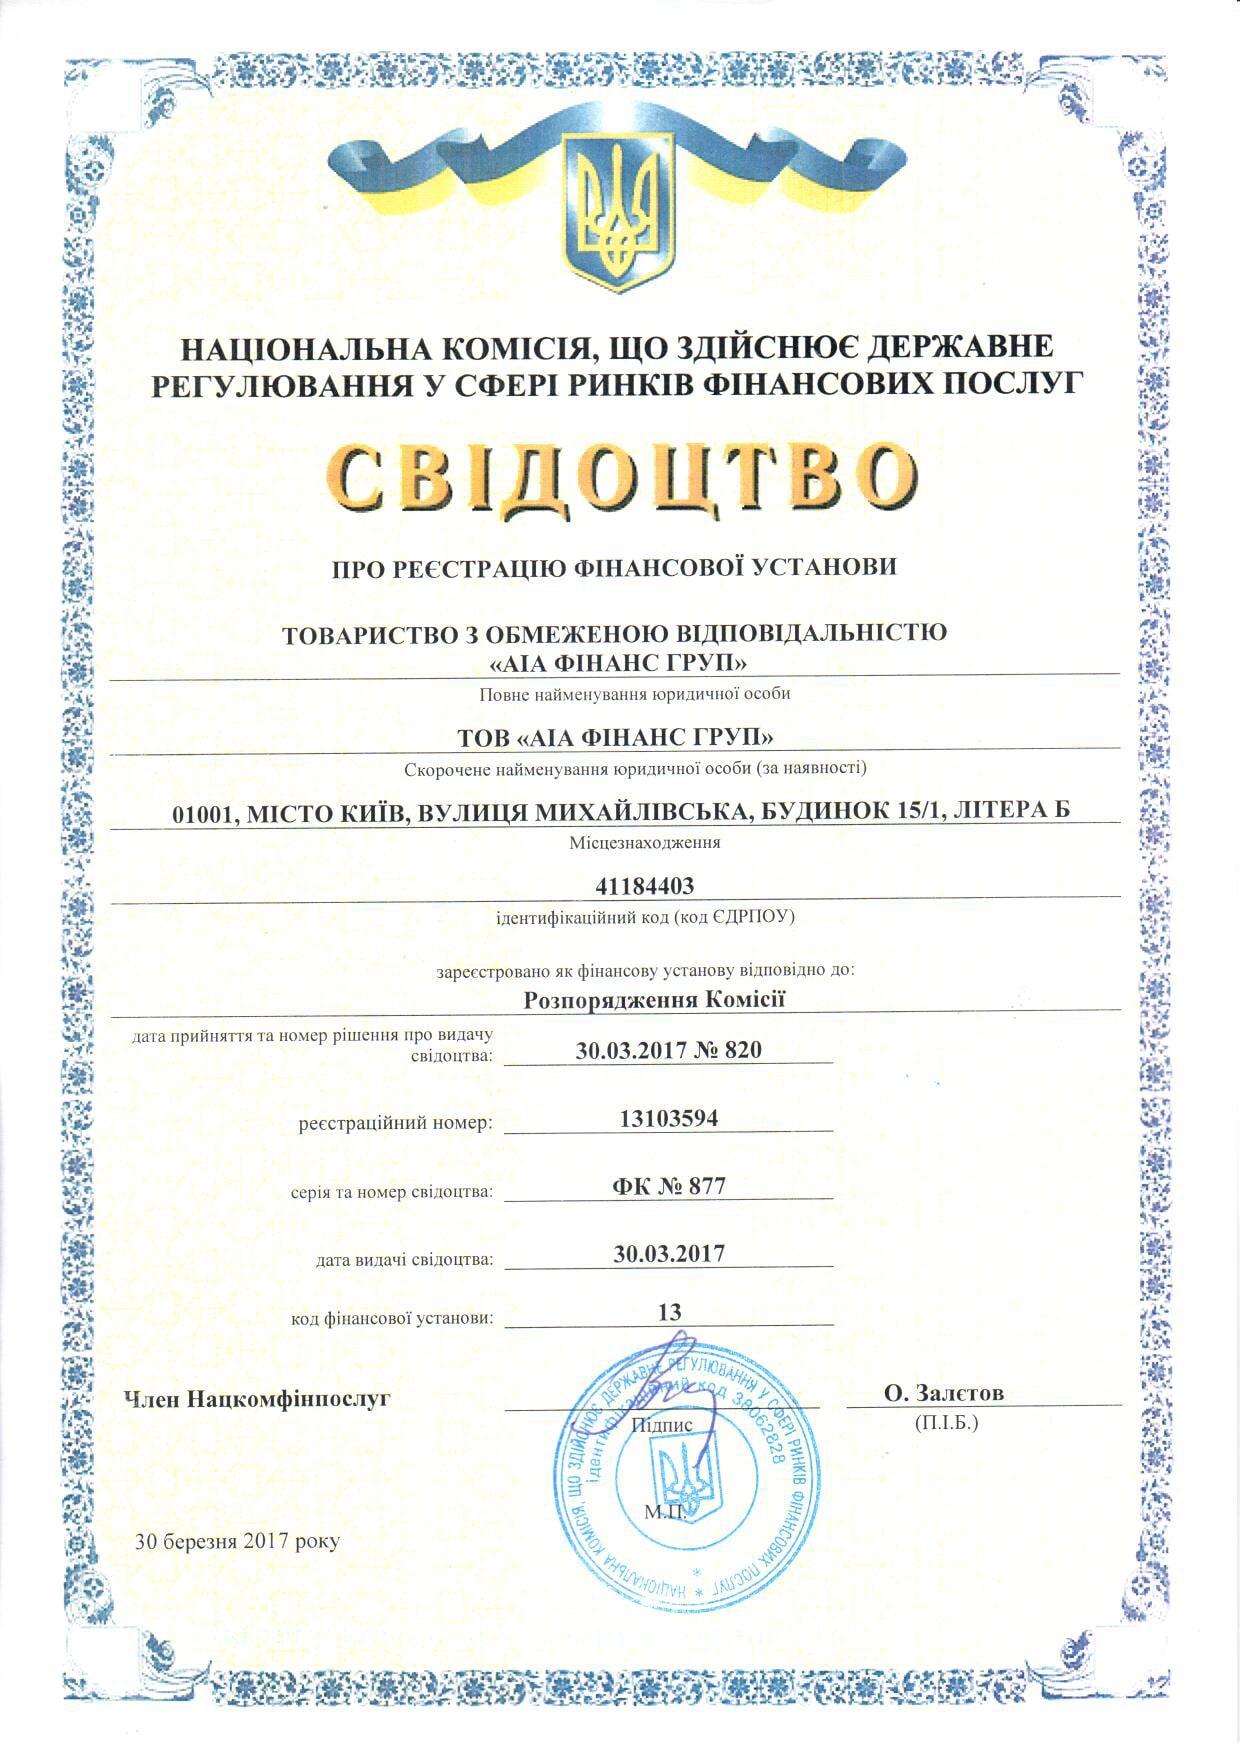 Свідоцтво про реєстрацію фінансової установи